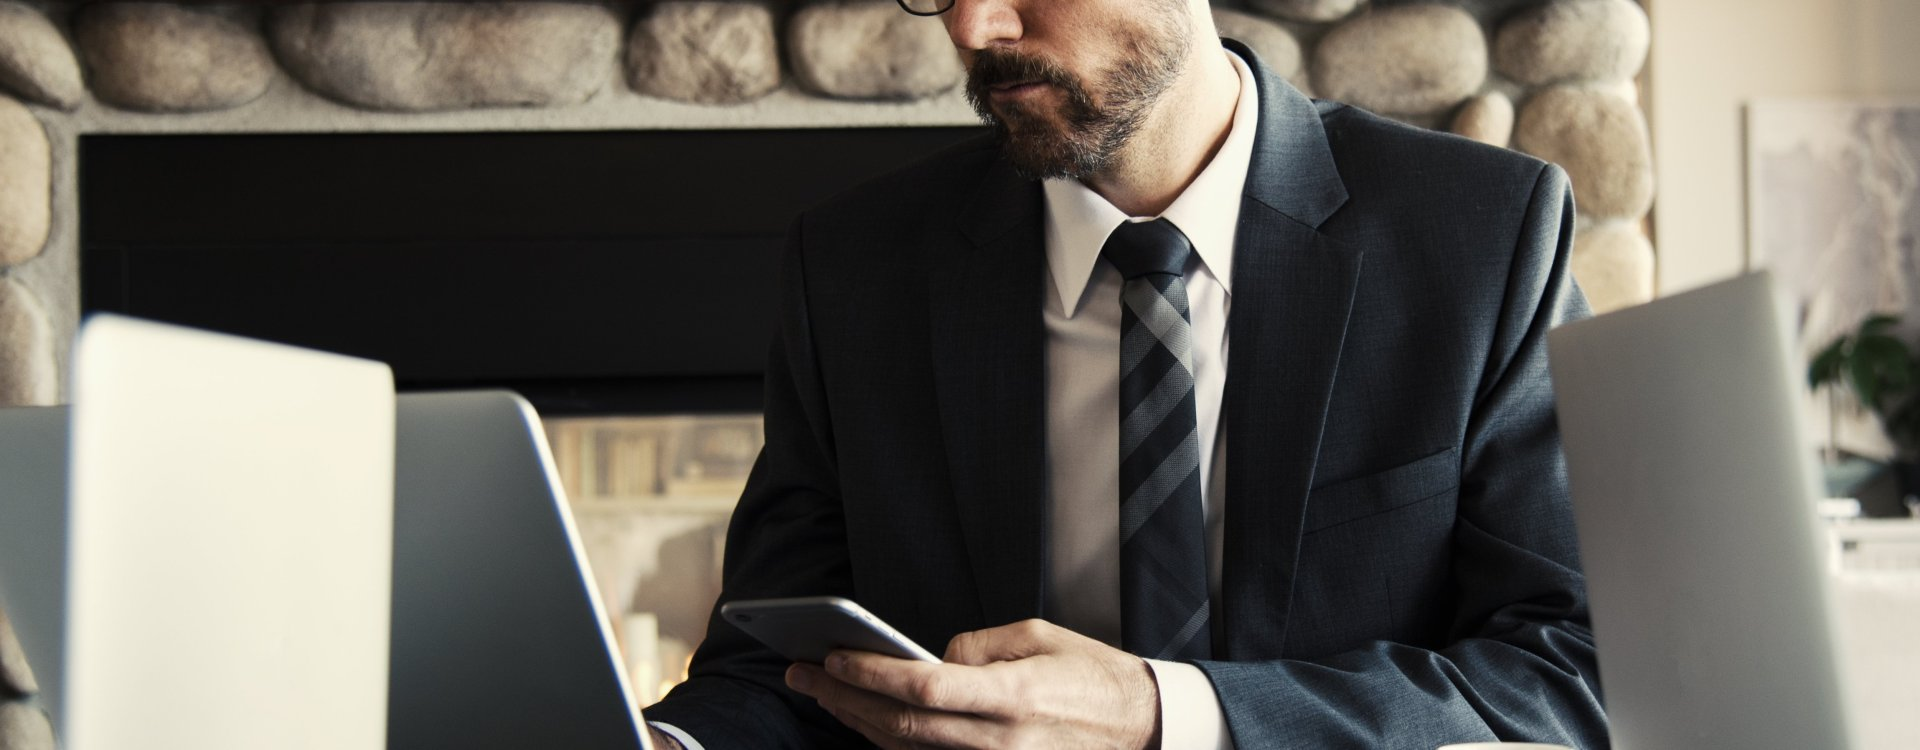 Ce au in comun recrutarea, cumparaturile si marketing-ul?